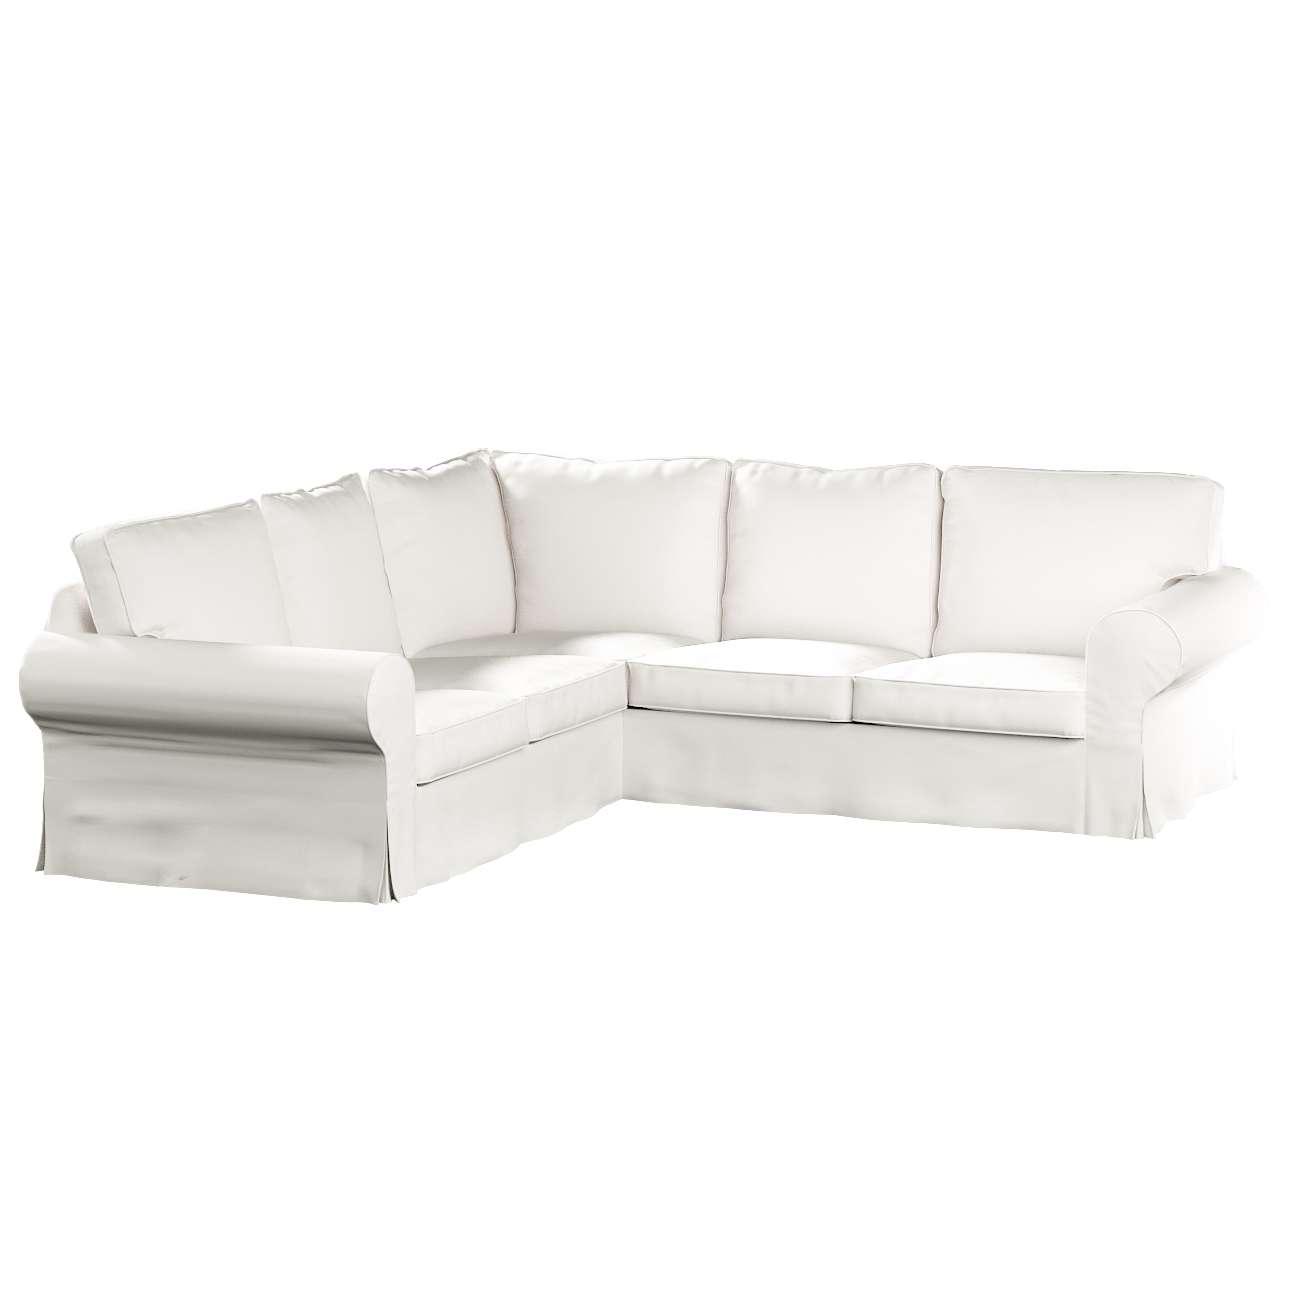 Ektorp kampinė sofa Ektorp kampinė sofa kolekcijoje Cotton Panama, audinys: 702-34